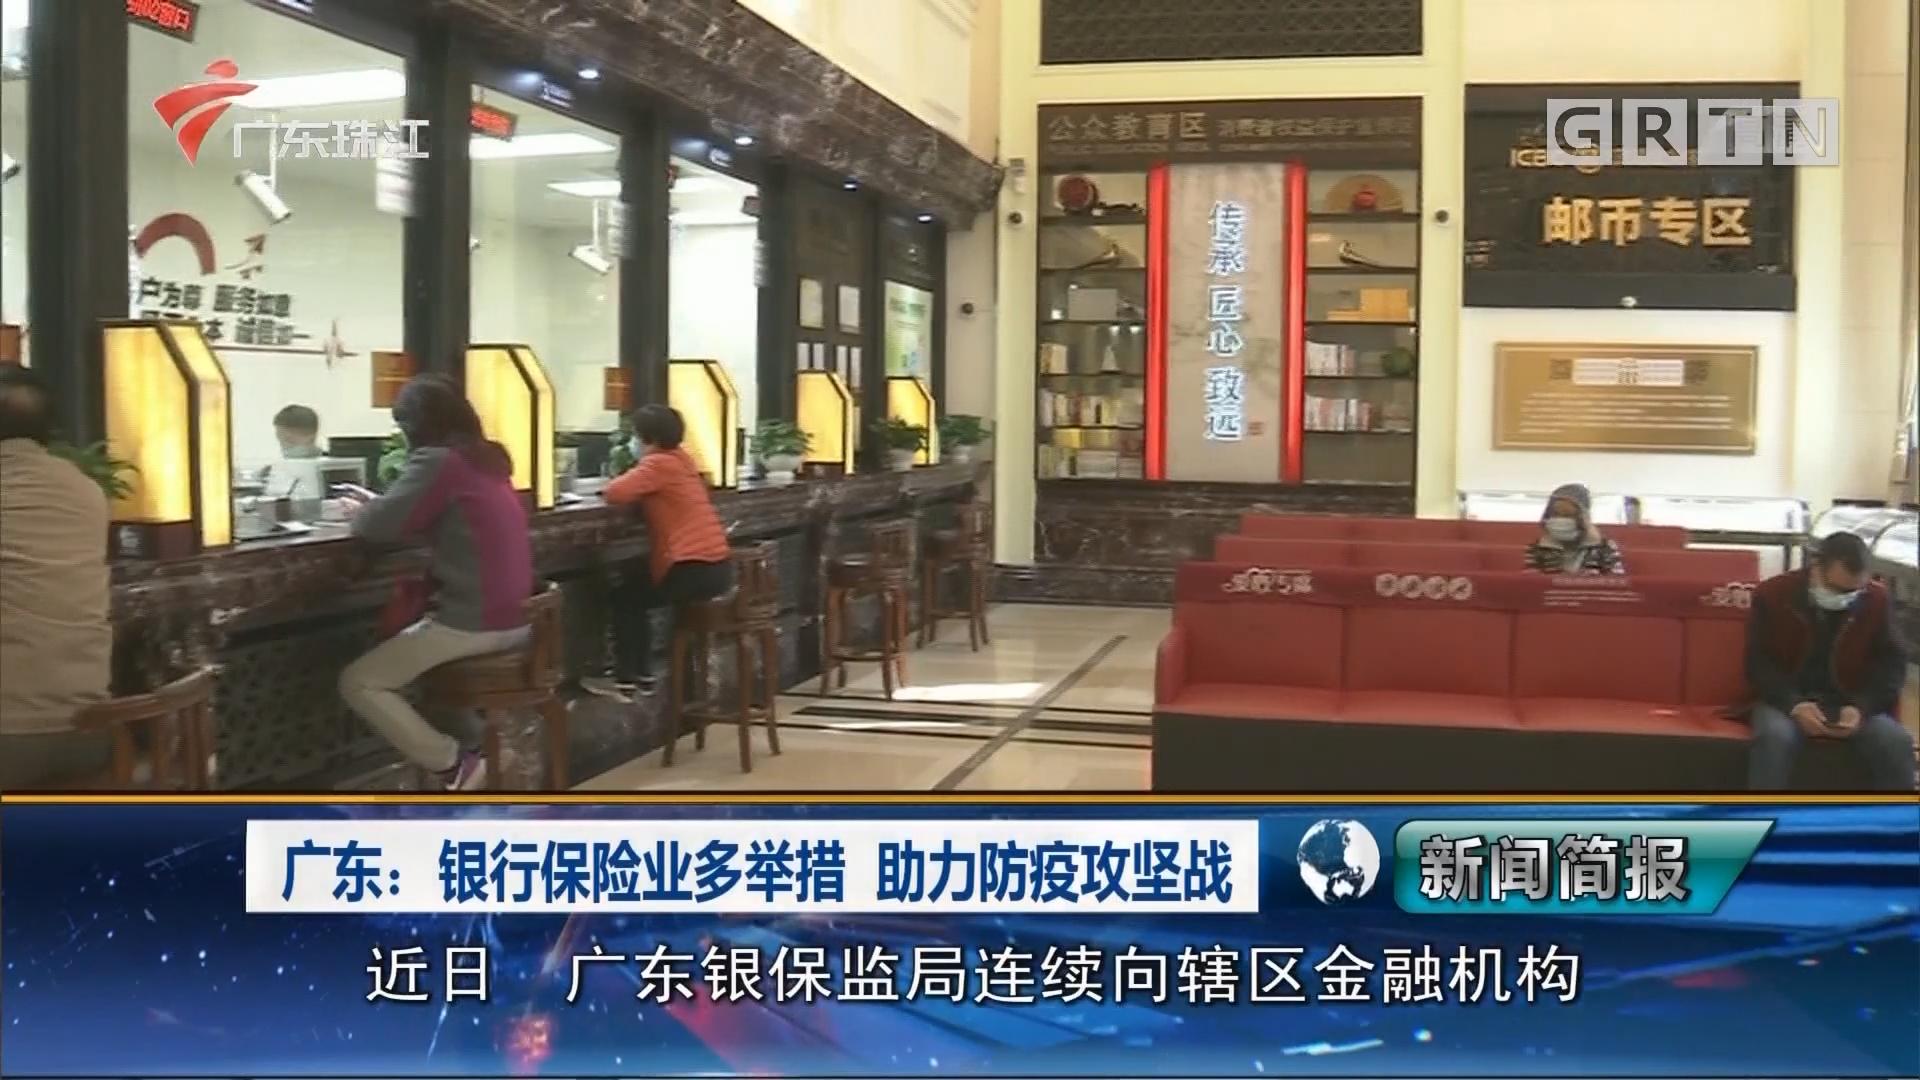 广东:银行保险业多举措 助力防疫攻坚战